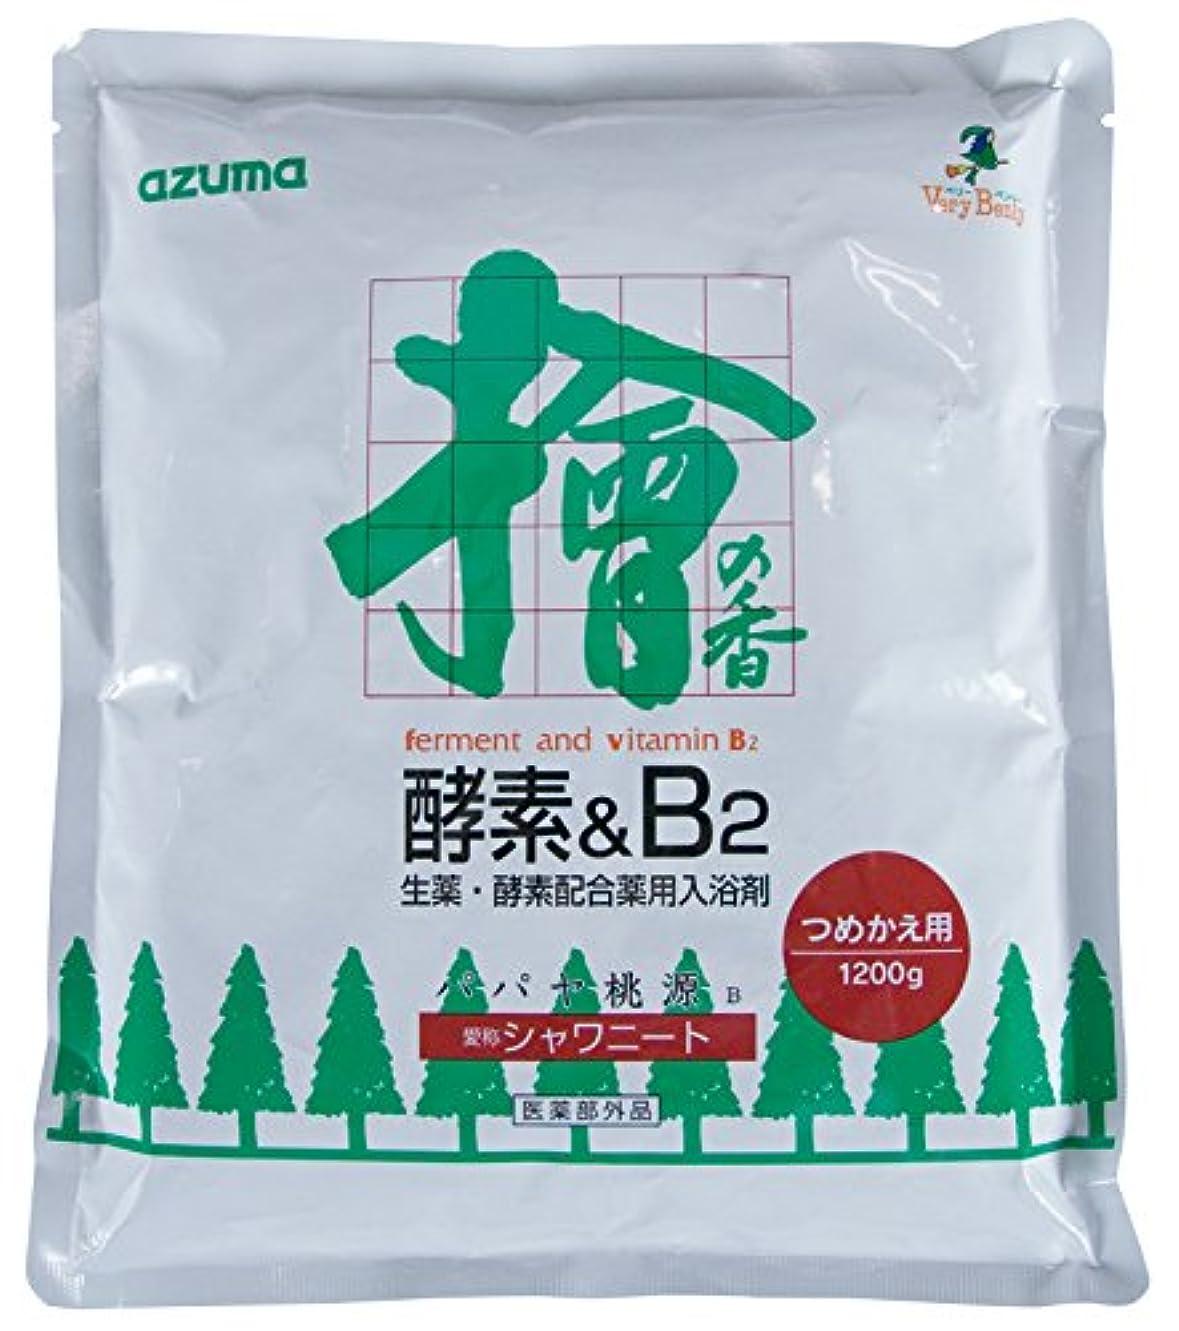 染料ピンレインコートアズマ 『入浴剤』 生薬&酵素配合 TK ヒノキの香り シャワニート つめかえ用 1200g